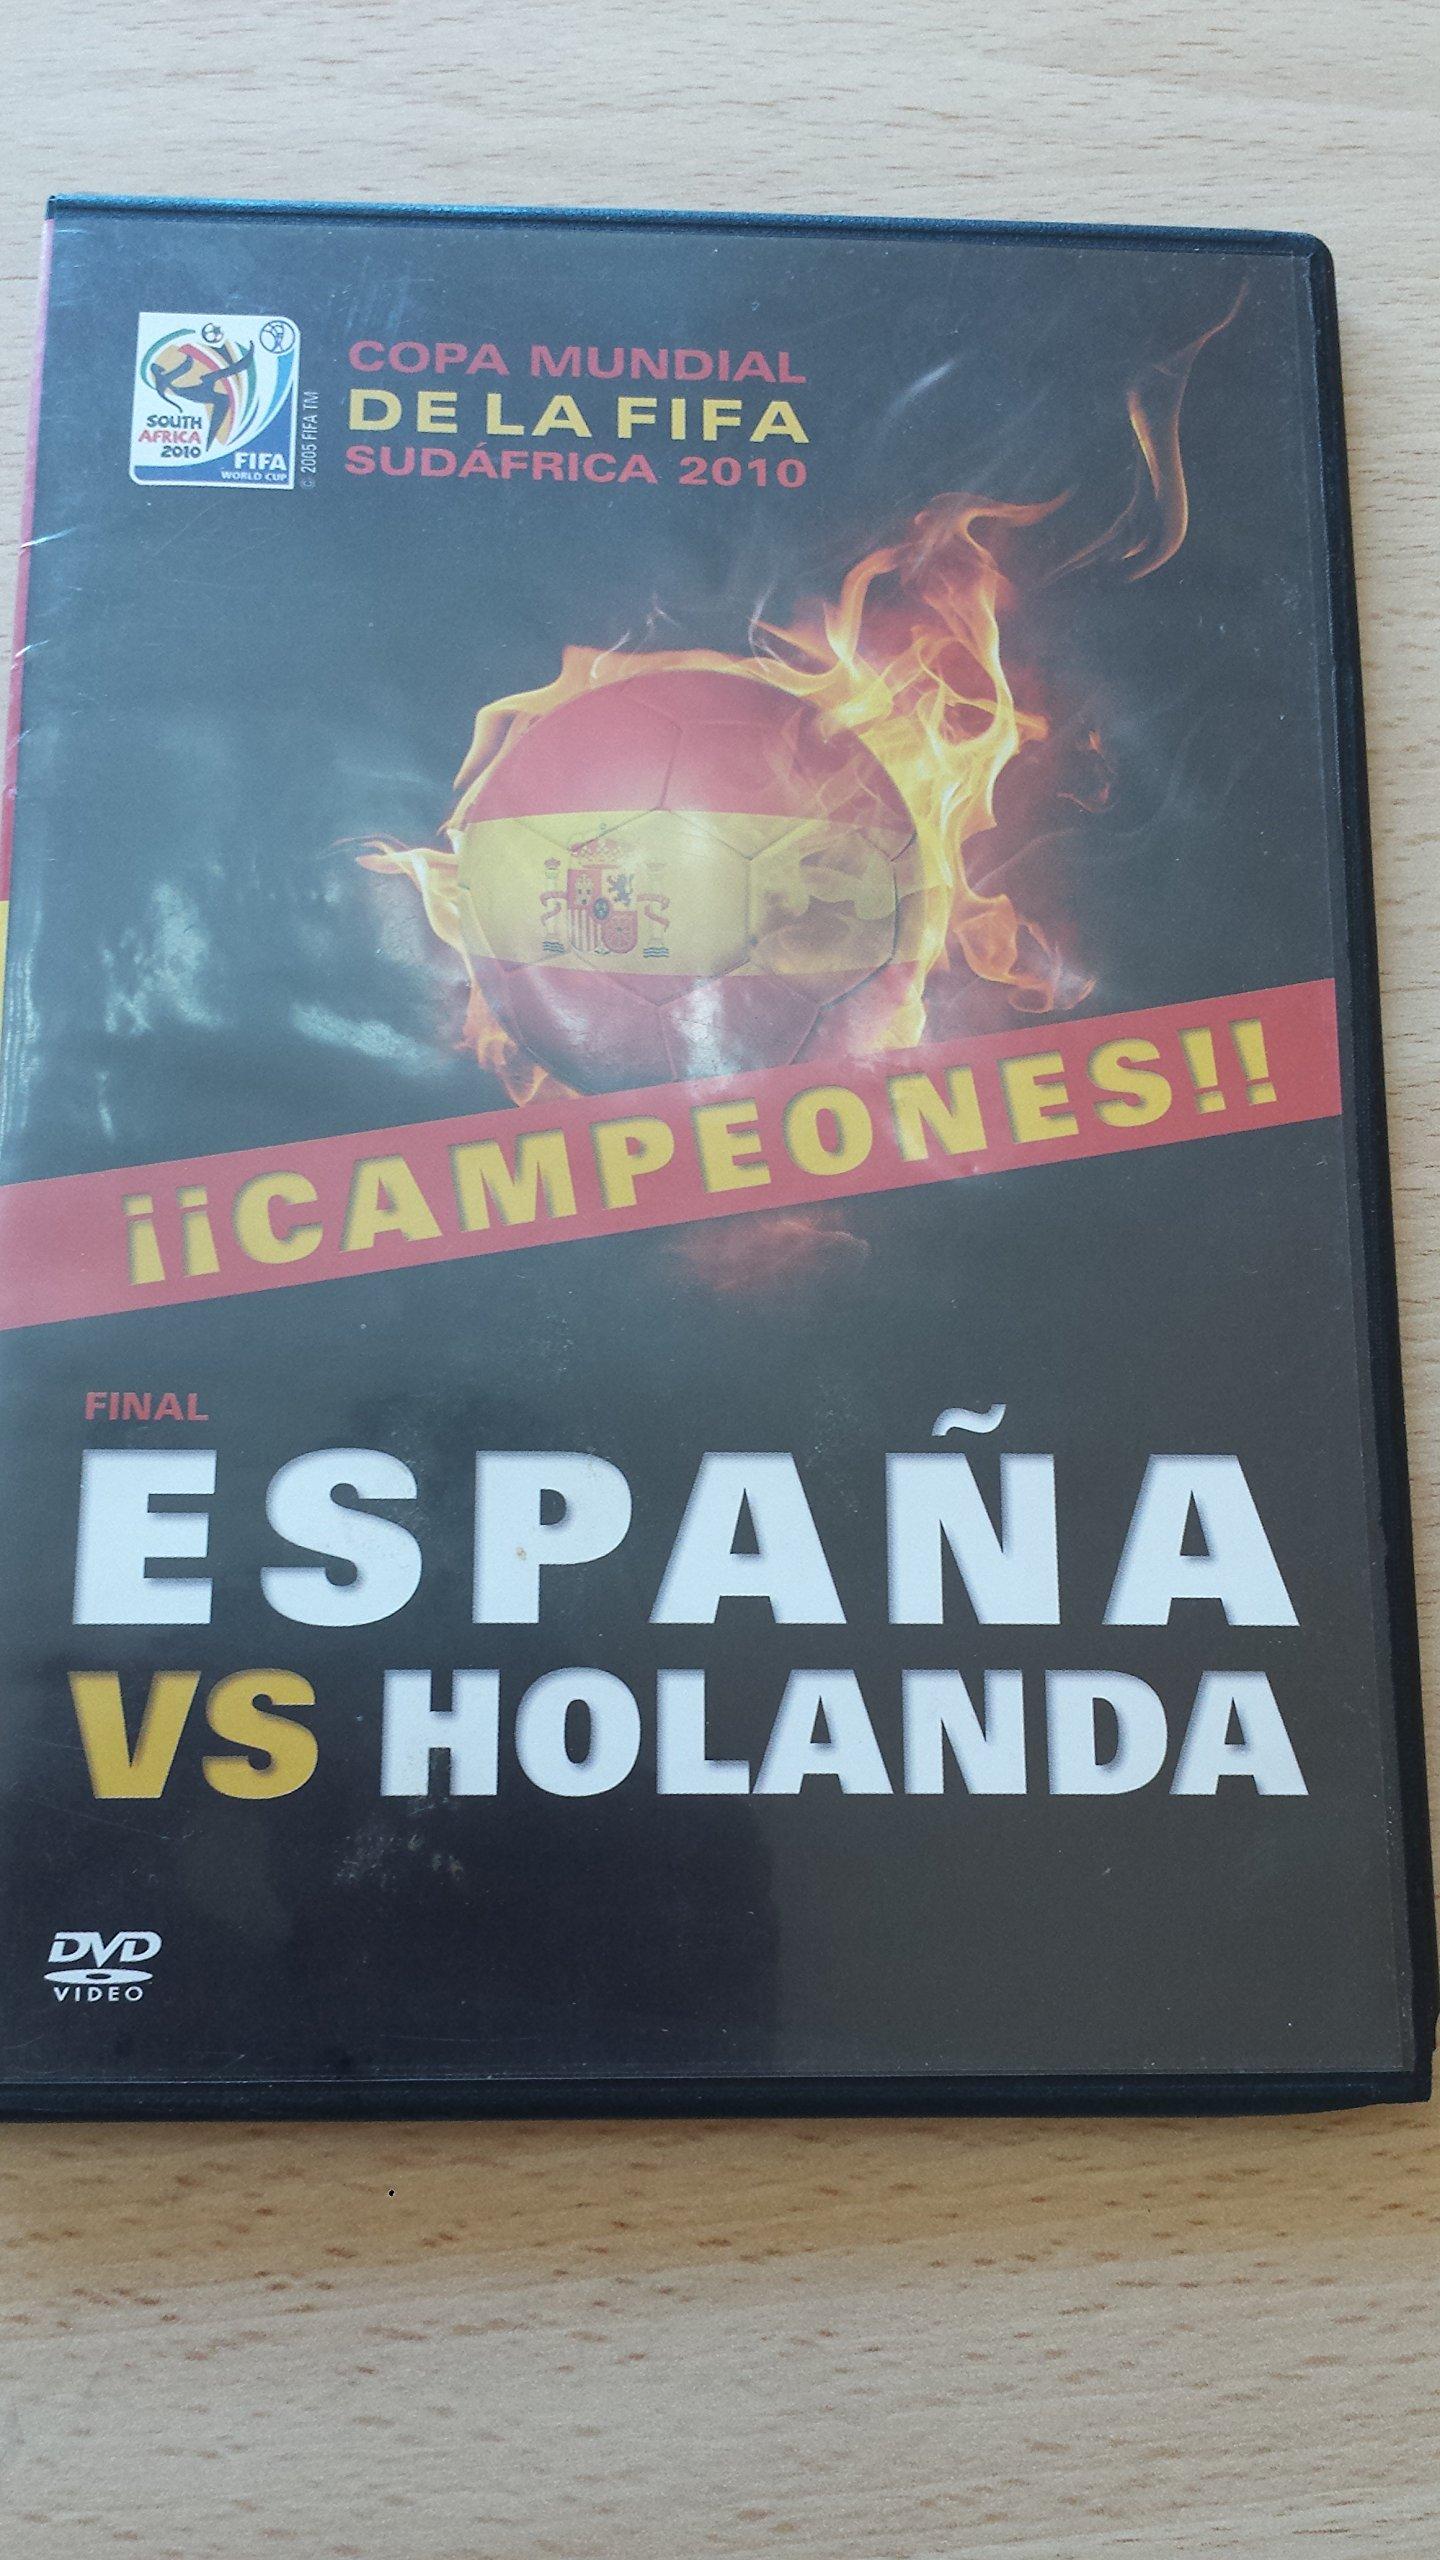 Dvd España vs Holanda. Gol de Iniesta. Campeones!!! Mundial Sudáfrica 2010: Amazon.es: Libros